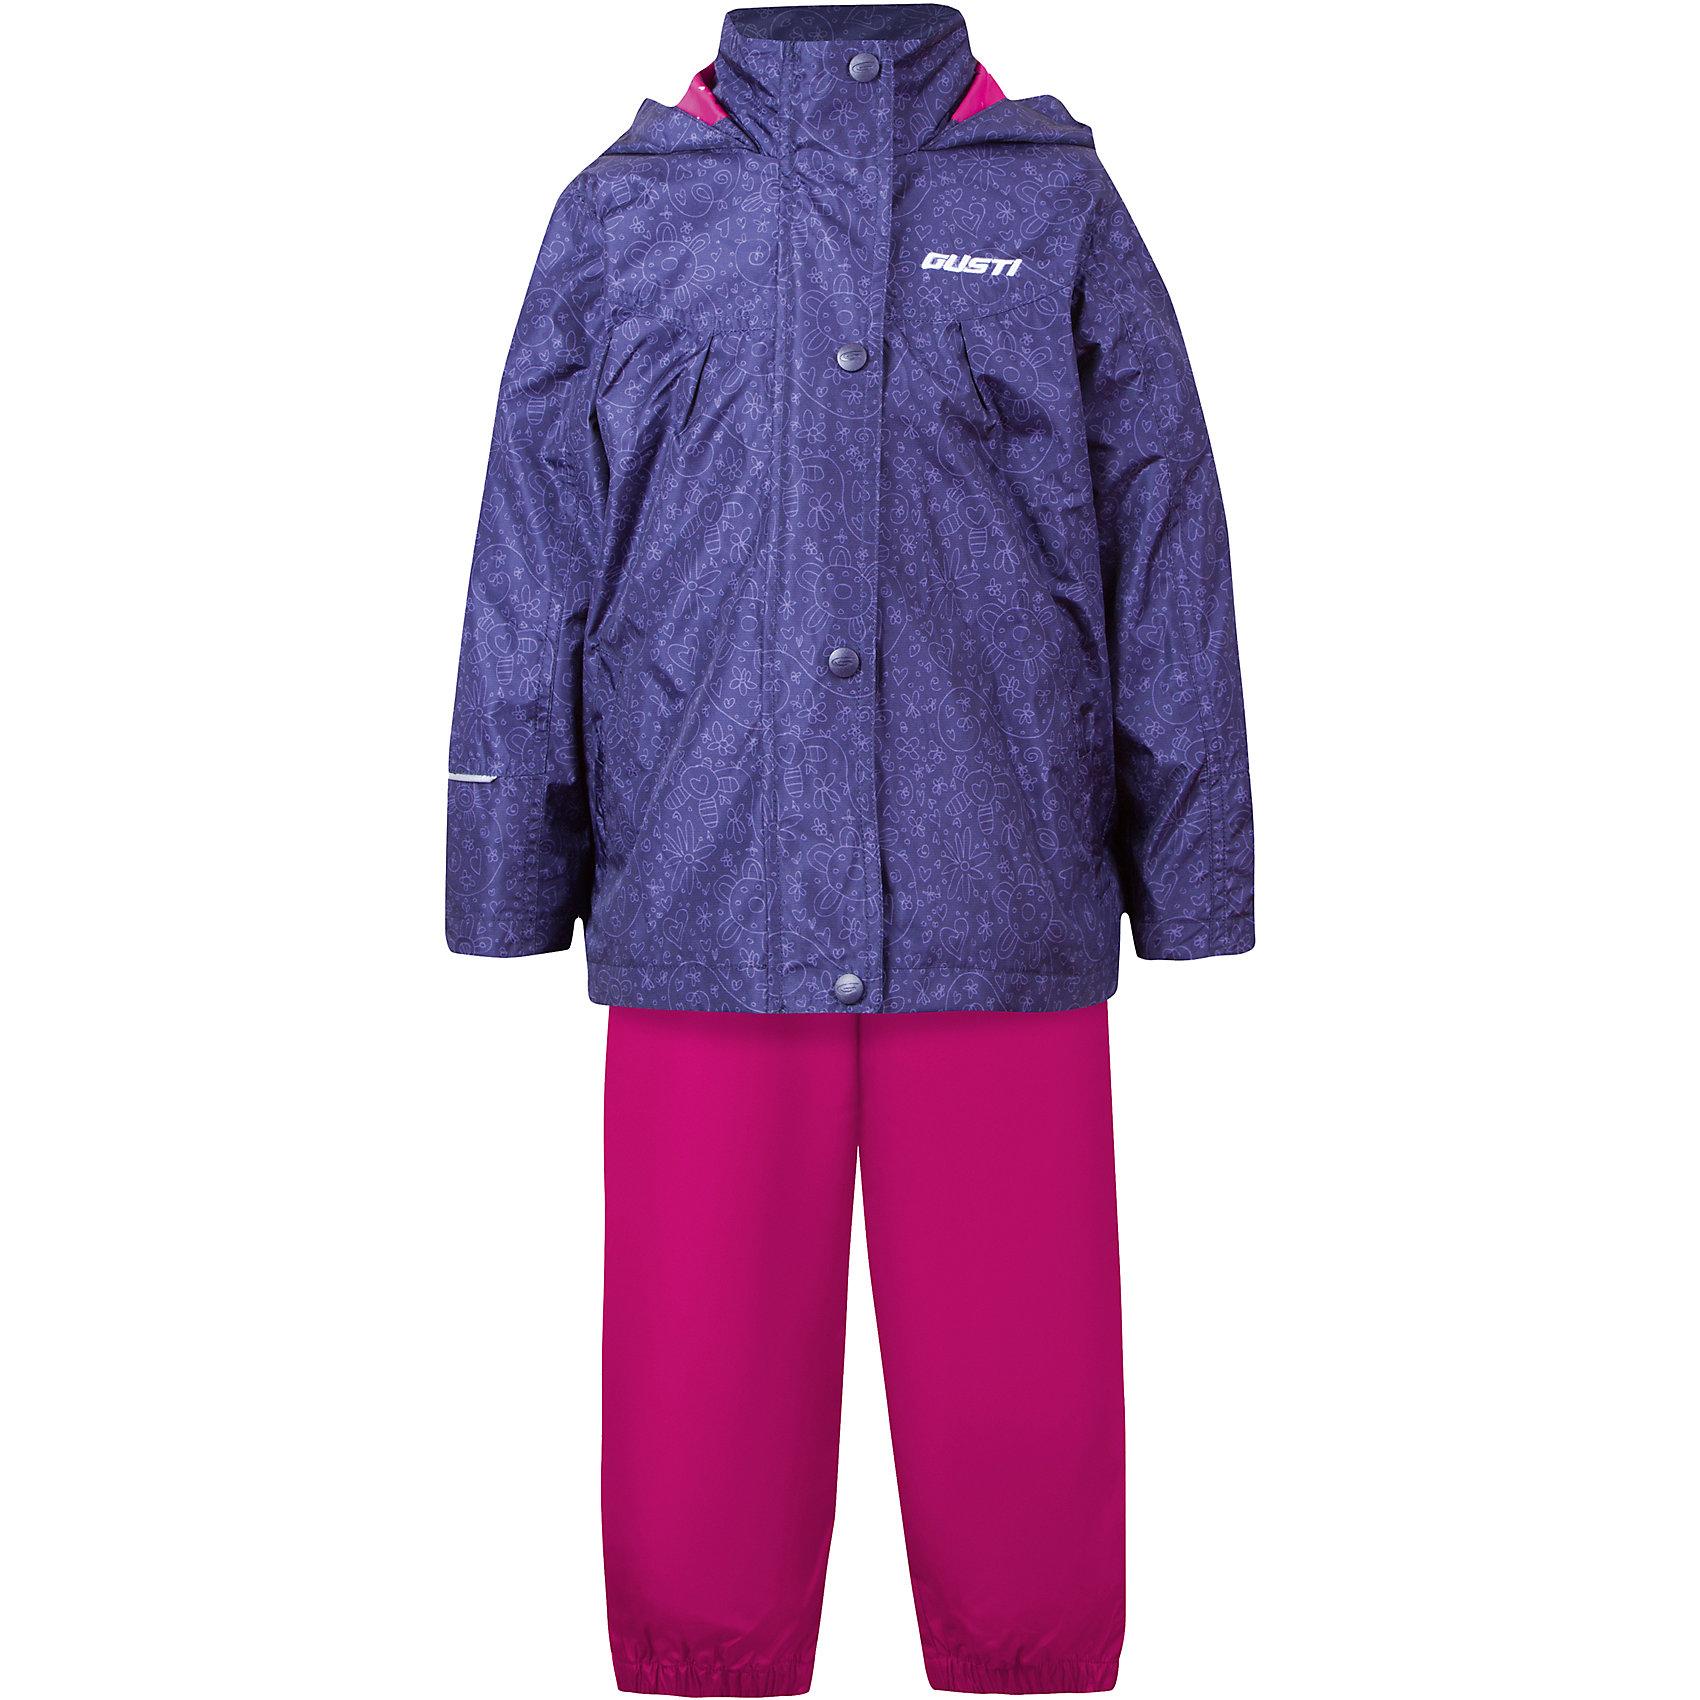 Комплект: куртка, толстовка и брюки для девочки GustiВерхняя одежда<br>Характеристики товара:<br><br>• цвет: синий/розовый<br>• состав: 100% полиэстер, подкладка, утеплитель - 100% полиэстер<br>• комплектация: куртка, съемная флисовая подкладка, брюки<br>• температурный режим: от +5° С до +15° С<br>• водонепроницаемый материал<br>• капюшон<br>• карманы<br>• съемные подтяжки<br>• брючины эластичные<br>• комфортная посадка<br>• светоотражающие элементы<br>• молния<br>• утеплитель: синтепон<br>• демисезонный<br>• страна бренда: Канада<br><br>Этот демисезонный комплект из куртки, пристегивающейся к ней толстовки из флиса, и штанов поможет обеспечить ребенку комфорт и тепло. Предметы удобно садятся по фигуре, отлично смотрятся с различной обувью. Комплект очень модно выглядит, он хорошо защищает от ветра и влаги. Материал отлично подходит для дождливой погоды. Стильный дизайн разрабатывался специально для детей.<br><br>Комплект: куртка, толстовка и брюки для девочки от известного бренда Gusti (Густи) можно купить в нашем интернет-магазине.<br><br>Ширина мм: 356<br>Глубина мм: 10<br>Высота мм: 245<br>Вес г: 519<br>Цвет: синий<br>Возраст от месяцев: 18<br>Возраст до месяцев: 24<br>Пол: Женский<br>Возраст: Детский<br>Размер: 92,122,128,140,152,98,100,104,110,116,120<br>SKU: 5452488